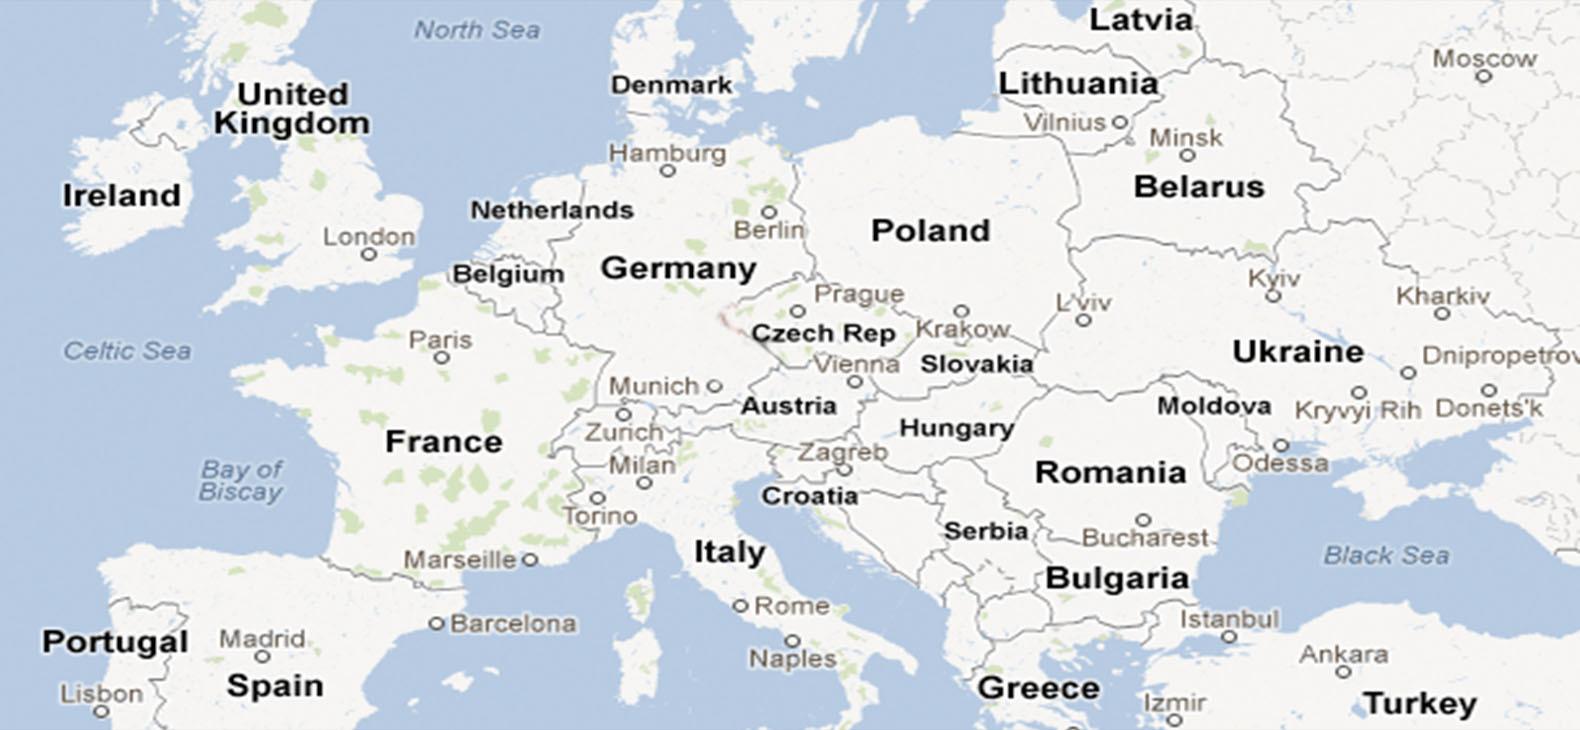 Europakarte mit den Orten, an denen ein Künstleraustausch des Schafhofs stattfand